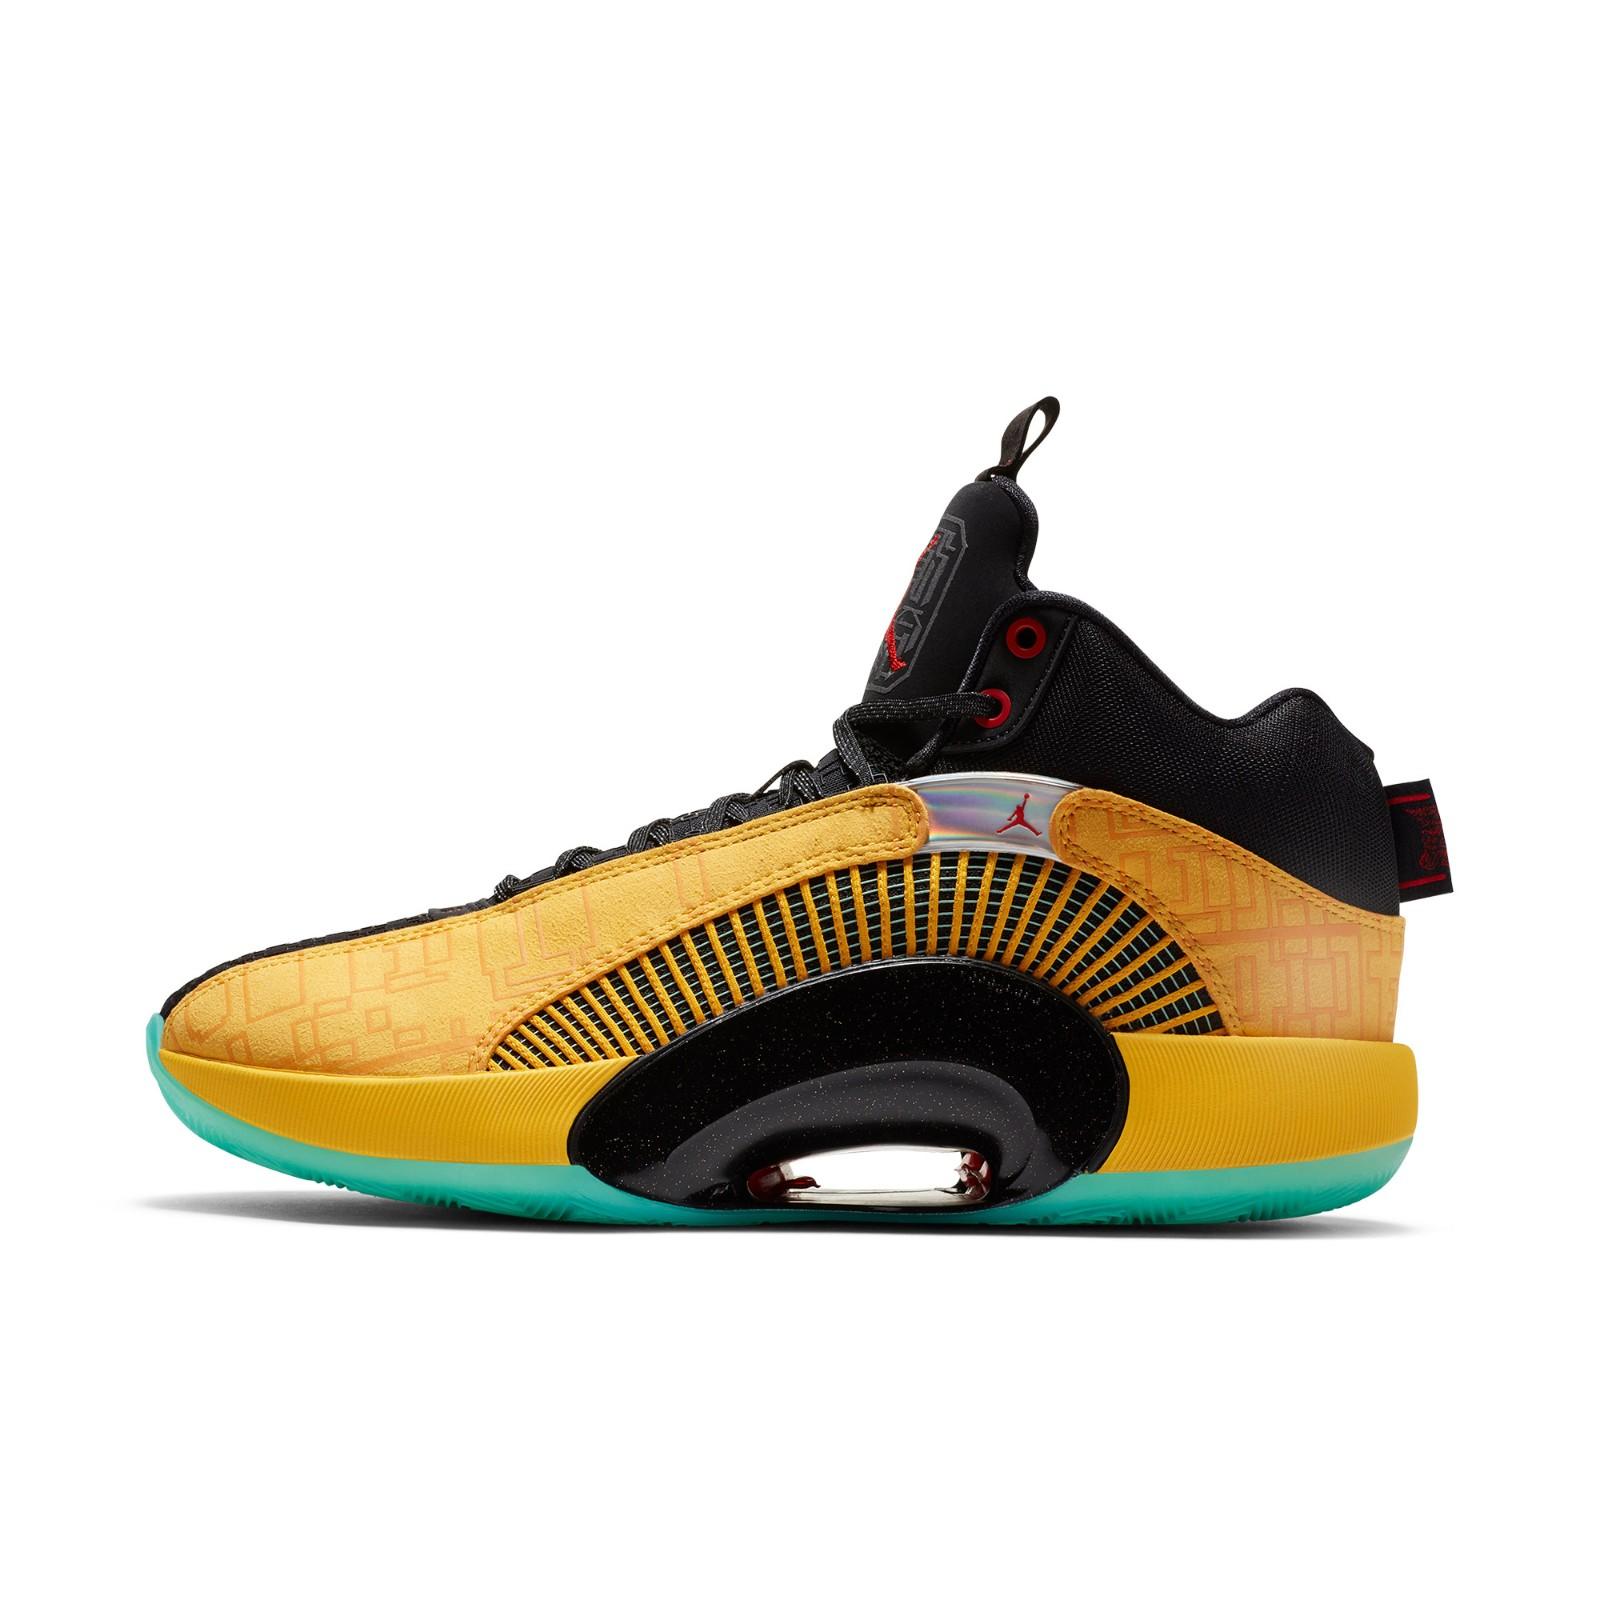 5日0点 : AIR JORDAN XXXV FC PF AJ35 DD3044 男子篮球鞋